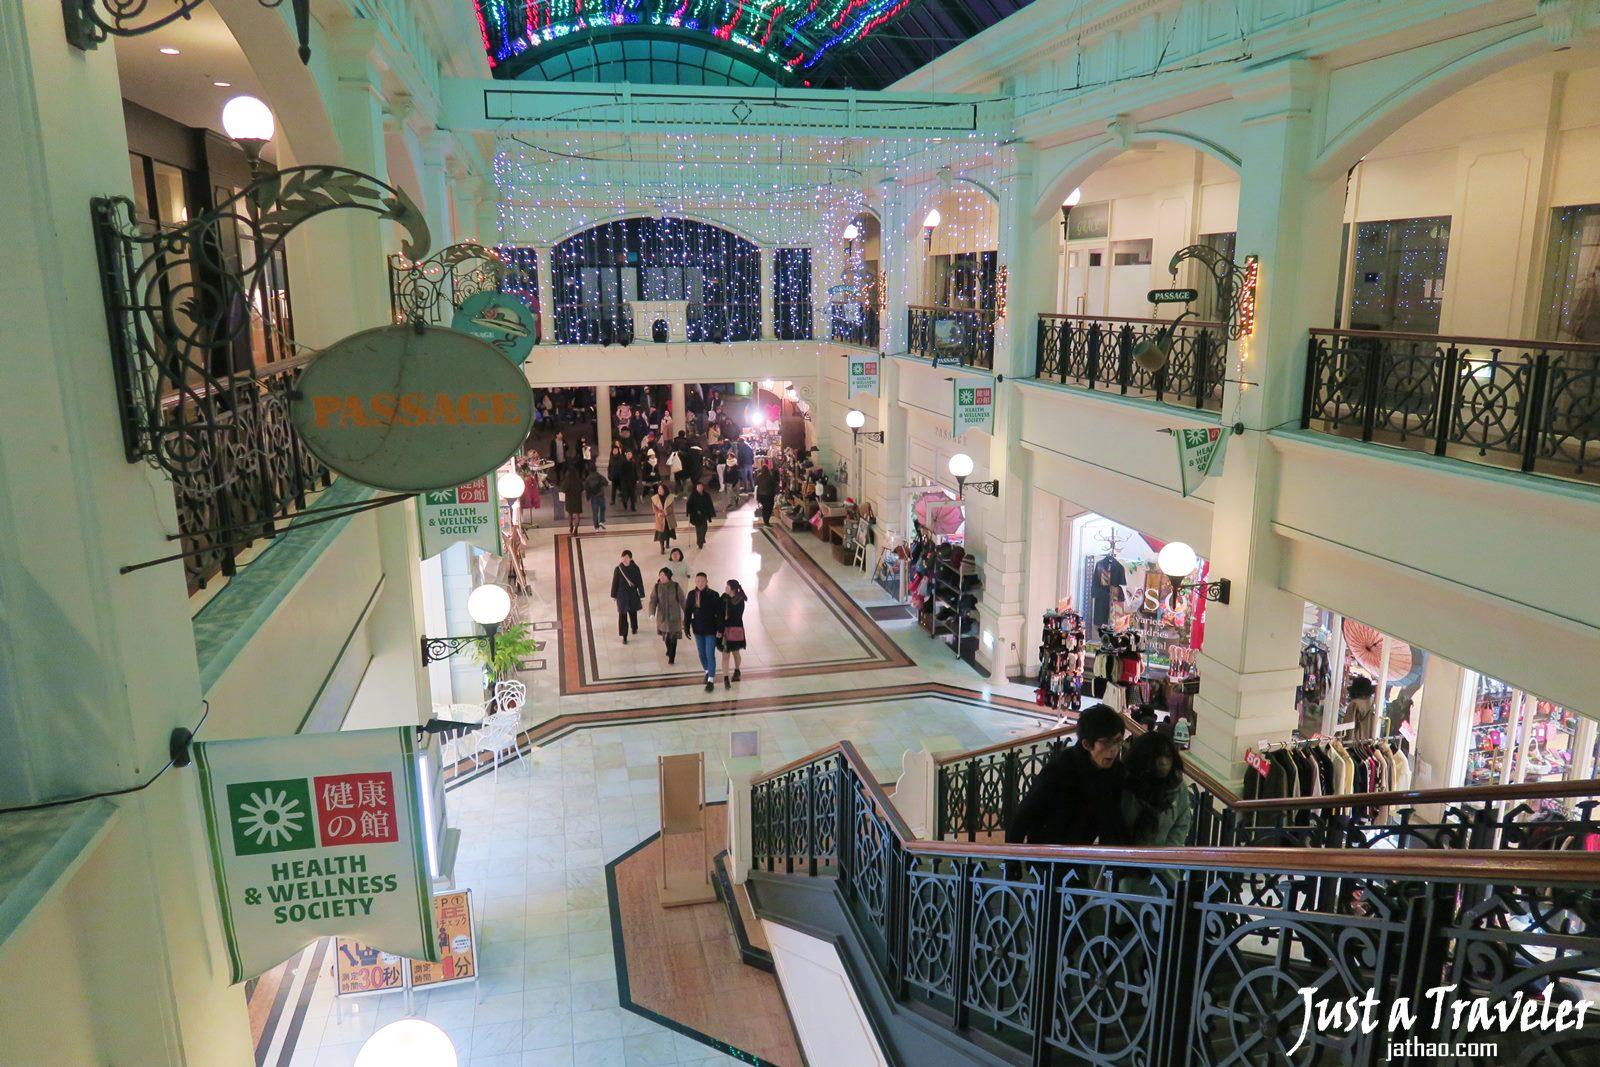 九州-長崎-景點-推薦-豪斯登堡-購物-逛街-伴手禮-豪斯登堡行程-豪斯登堡攻略-豪斯登堡一日遊-旅遊-自由行-Kyushu-Huis Ten Bosch-Travel-Japan